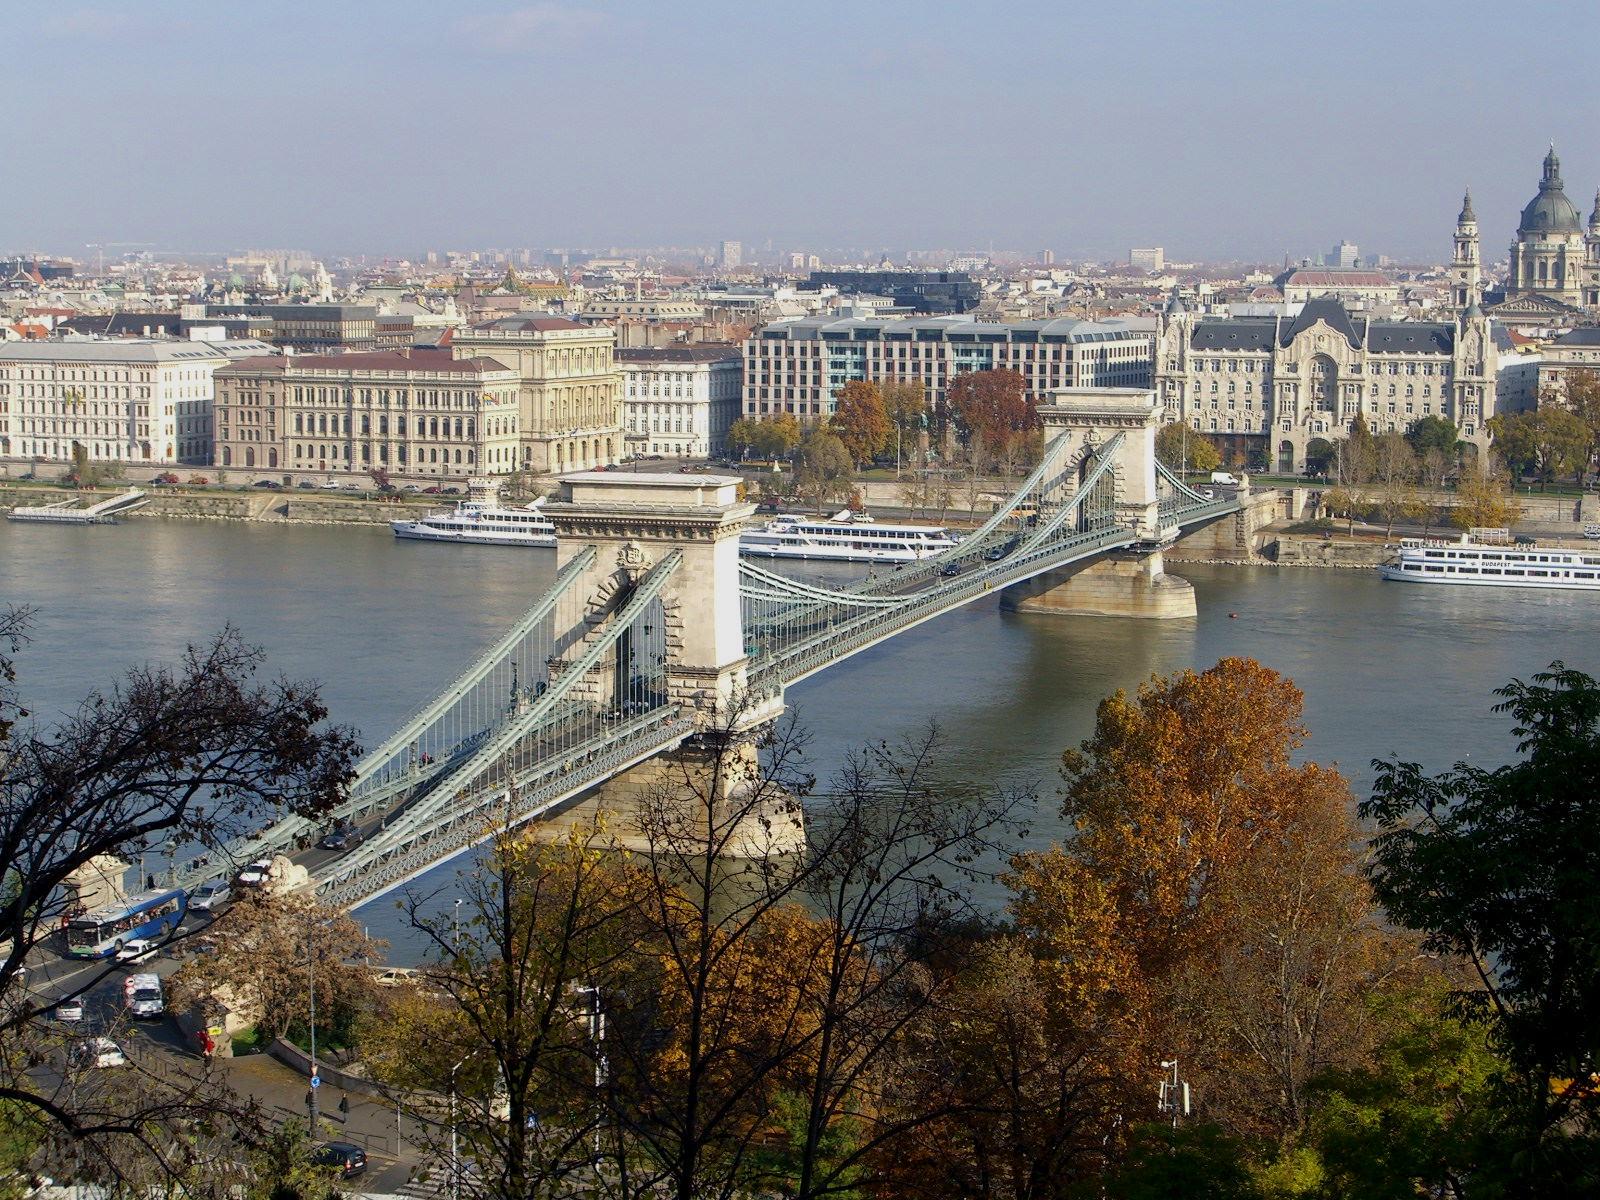 Цепной мост (Мост Сеченьи Ланцхид)